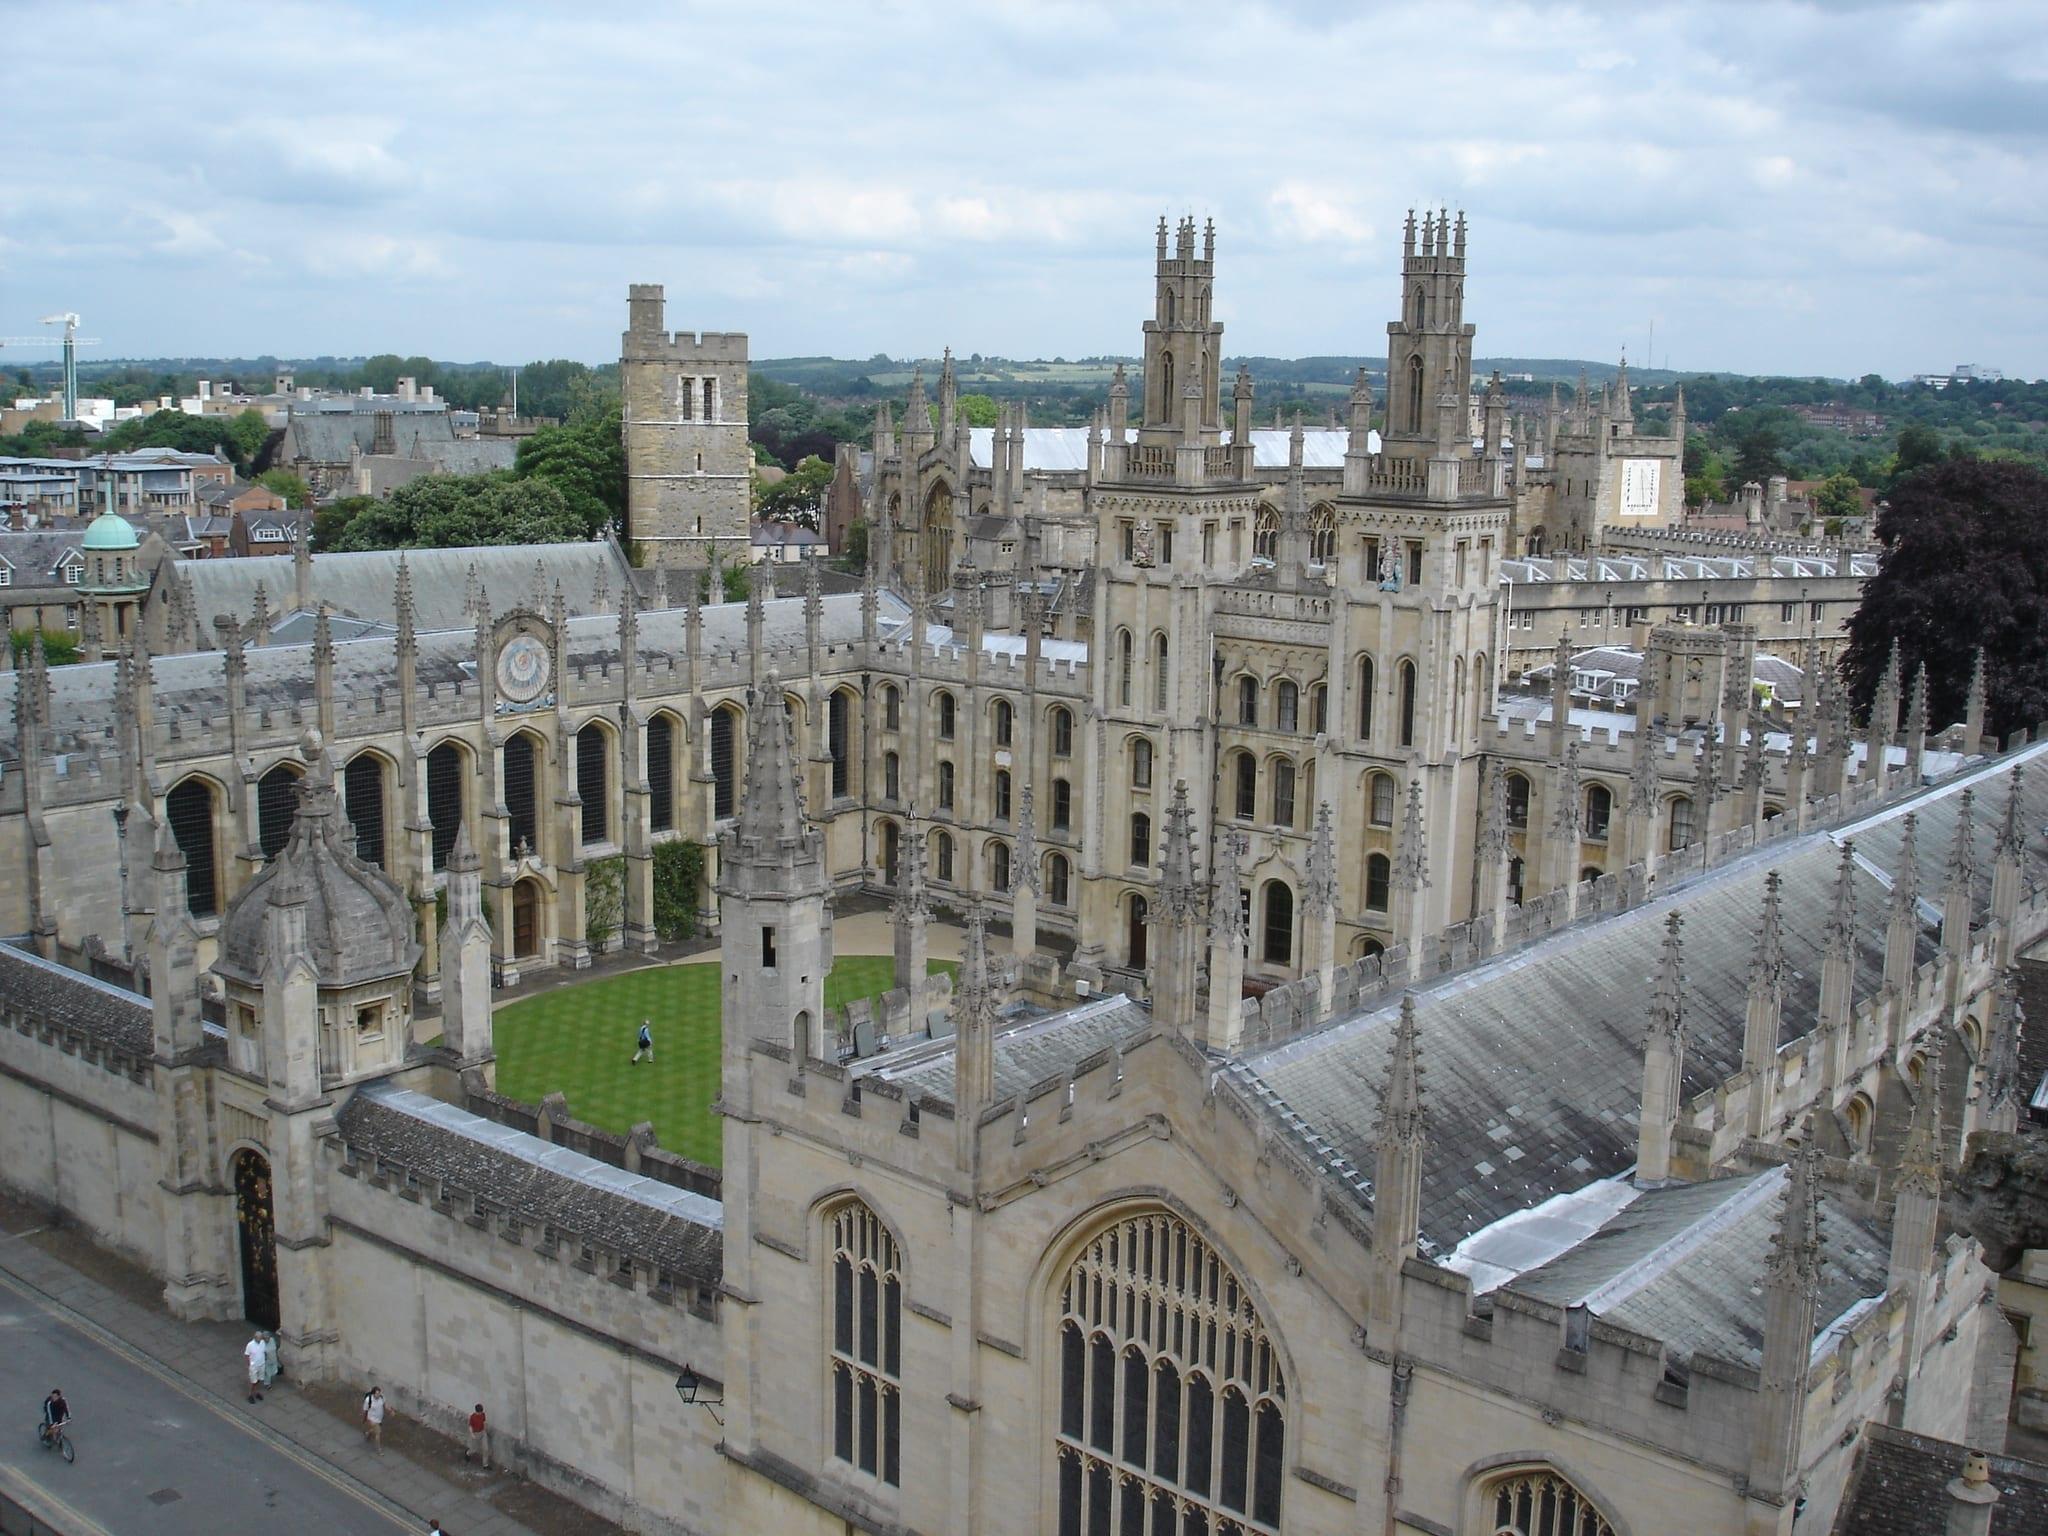 Excursiones a Oxford desde Londres